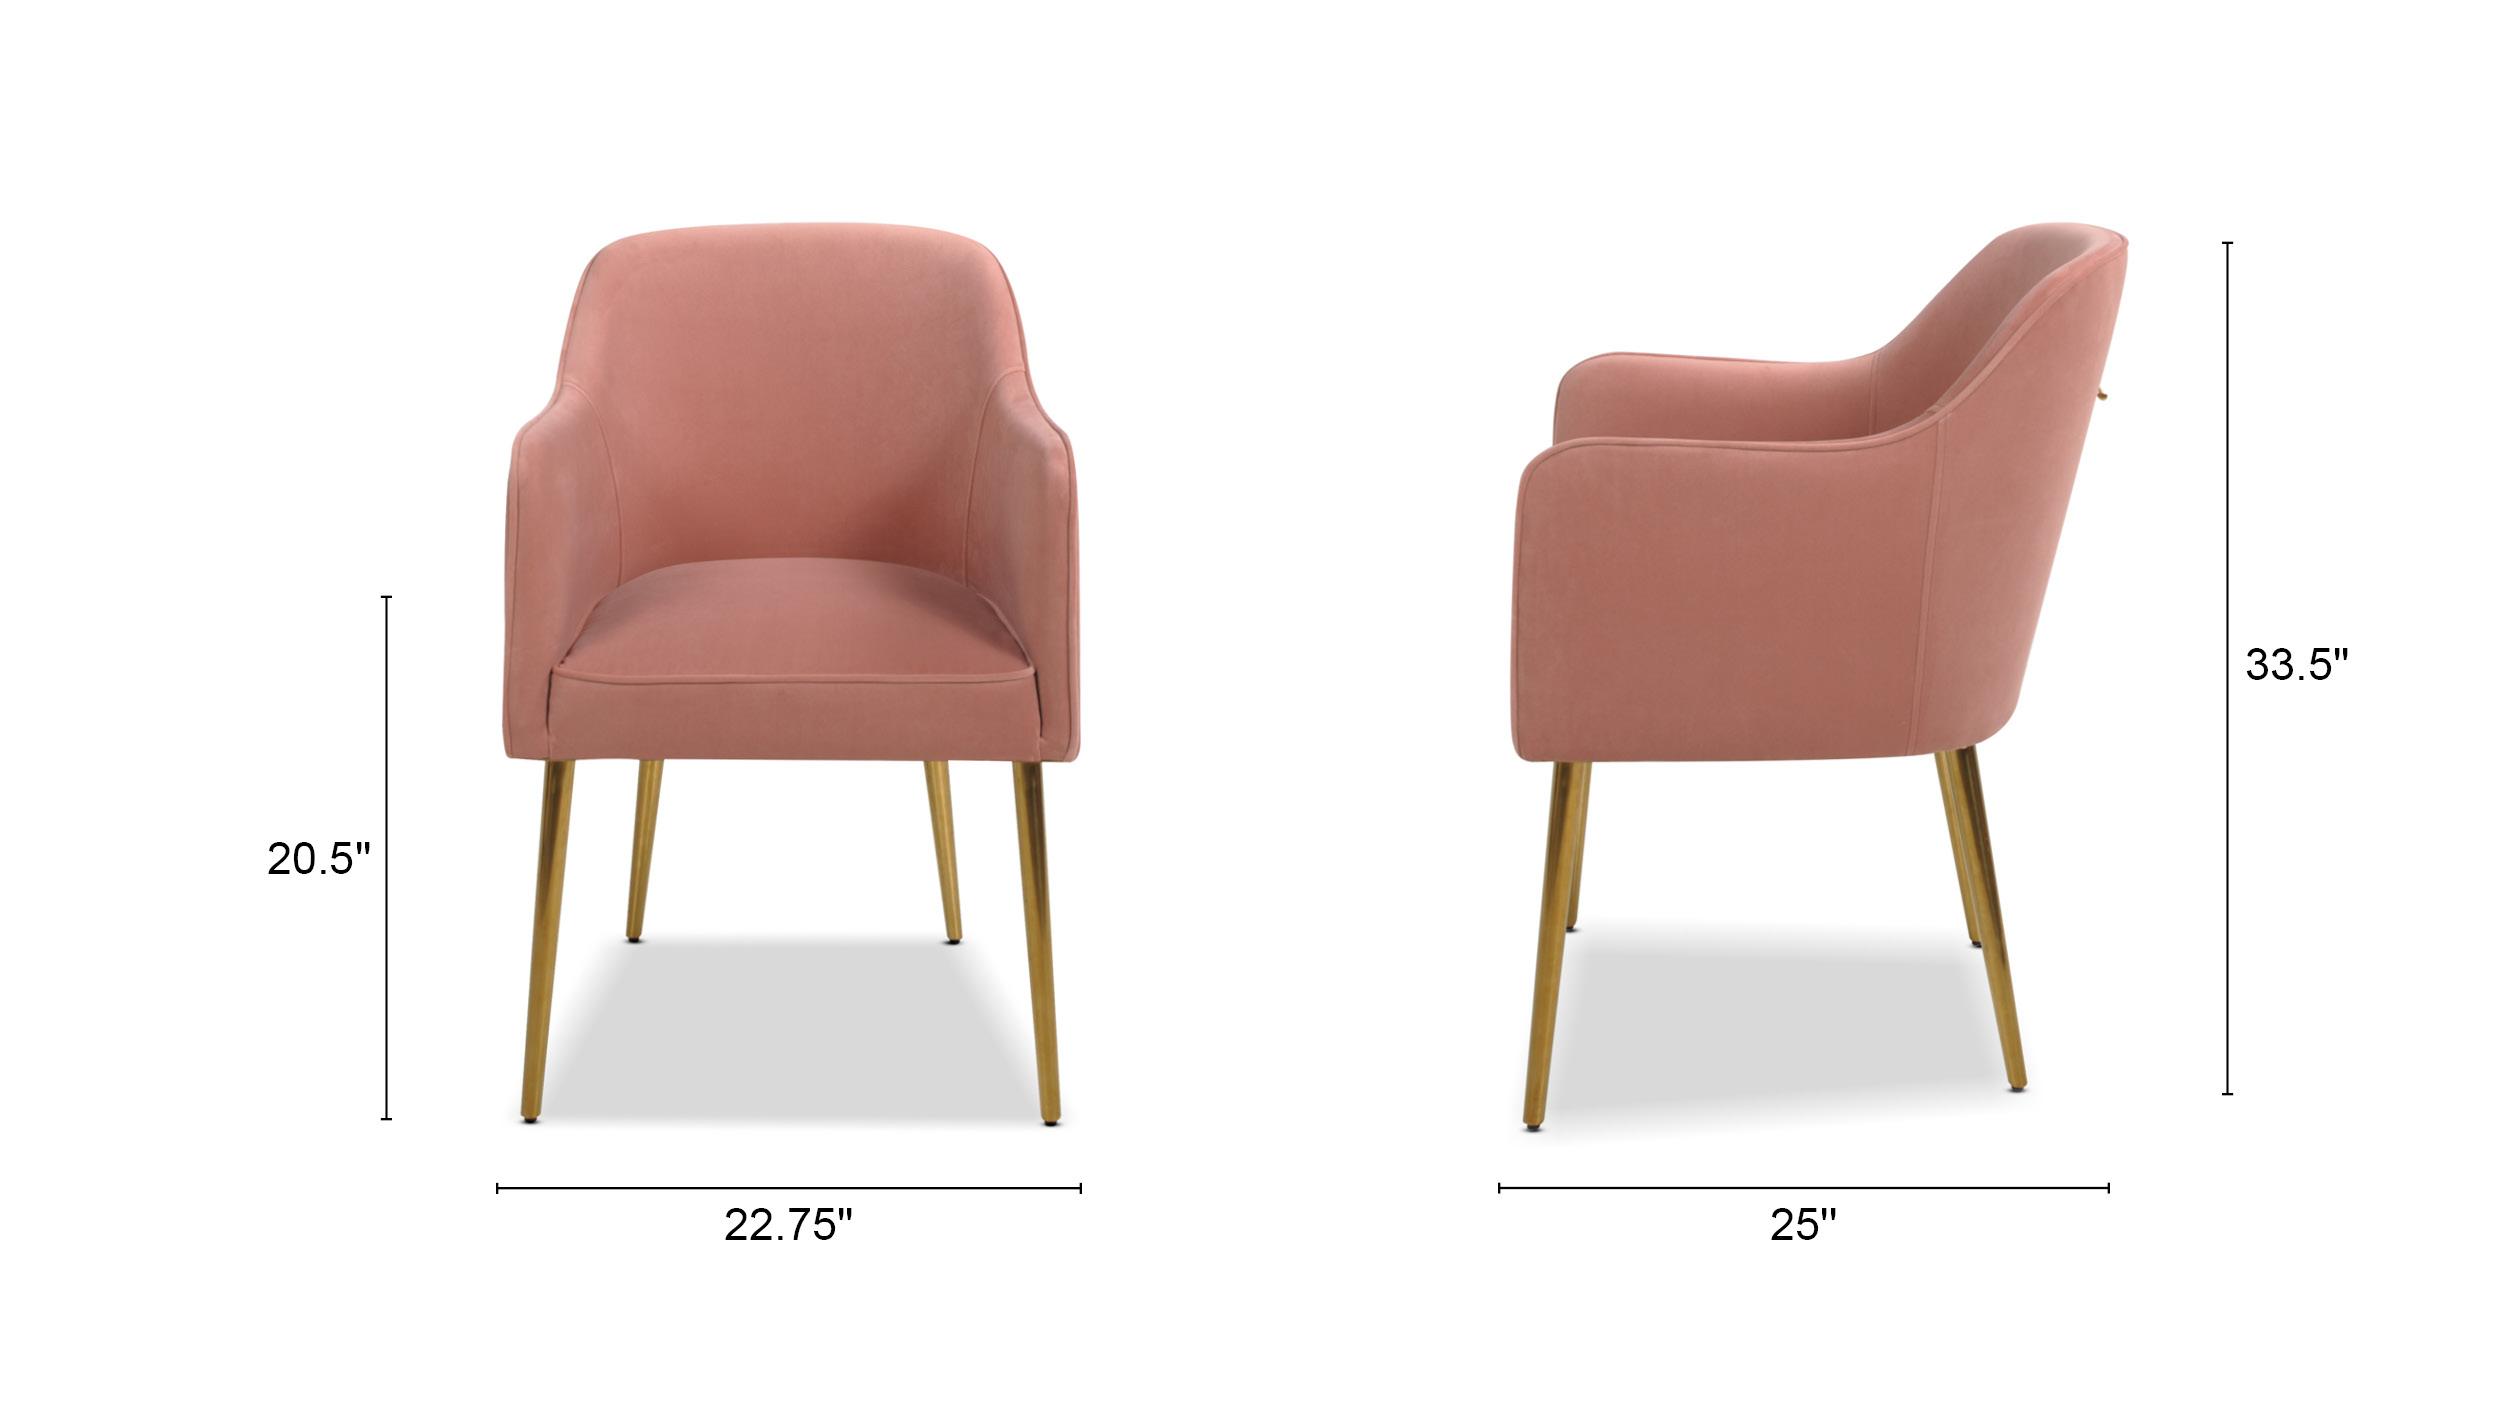 Ivy Mid-Century Modern Accent Desk Chair